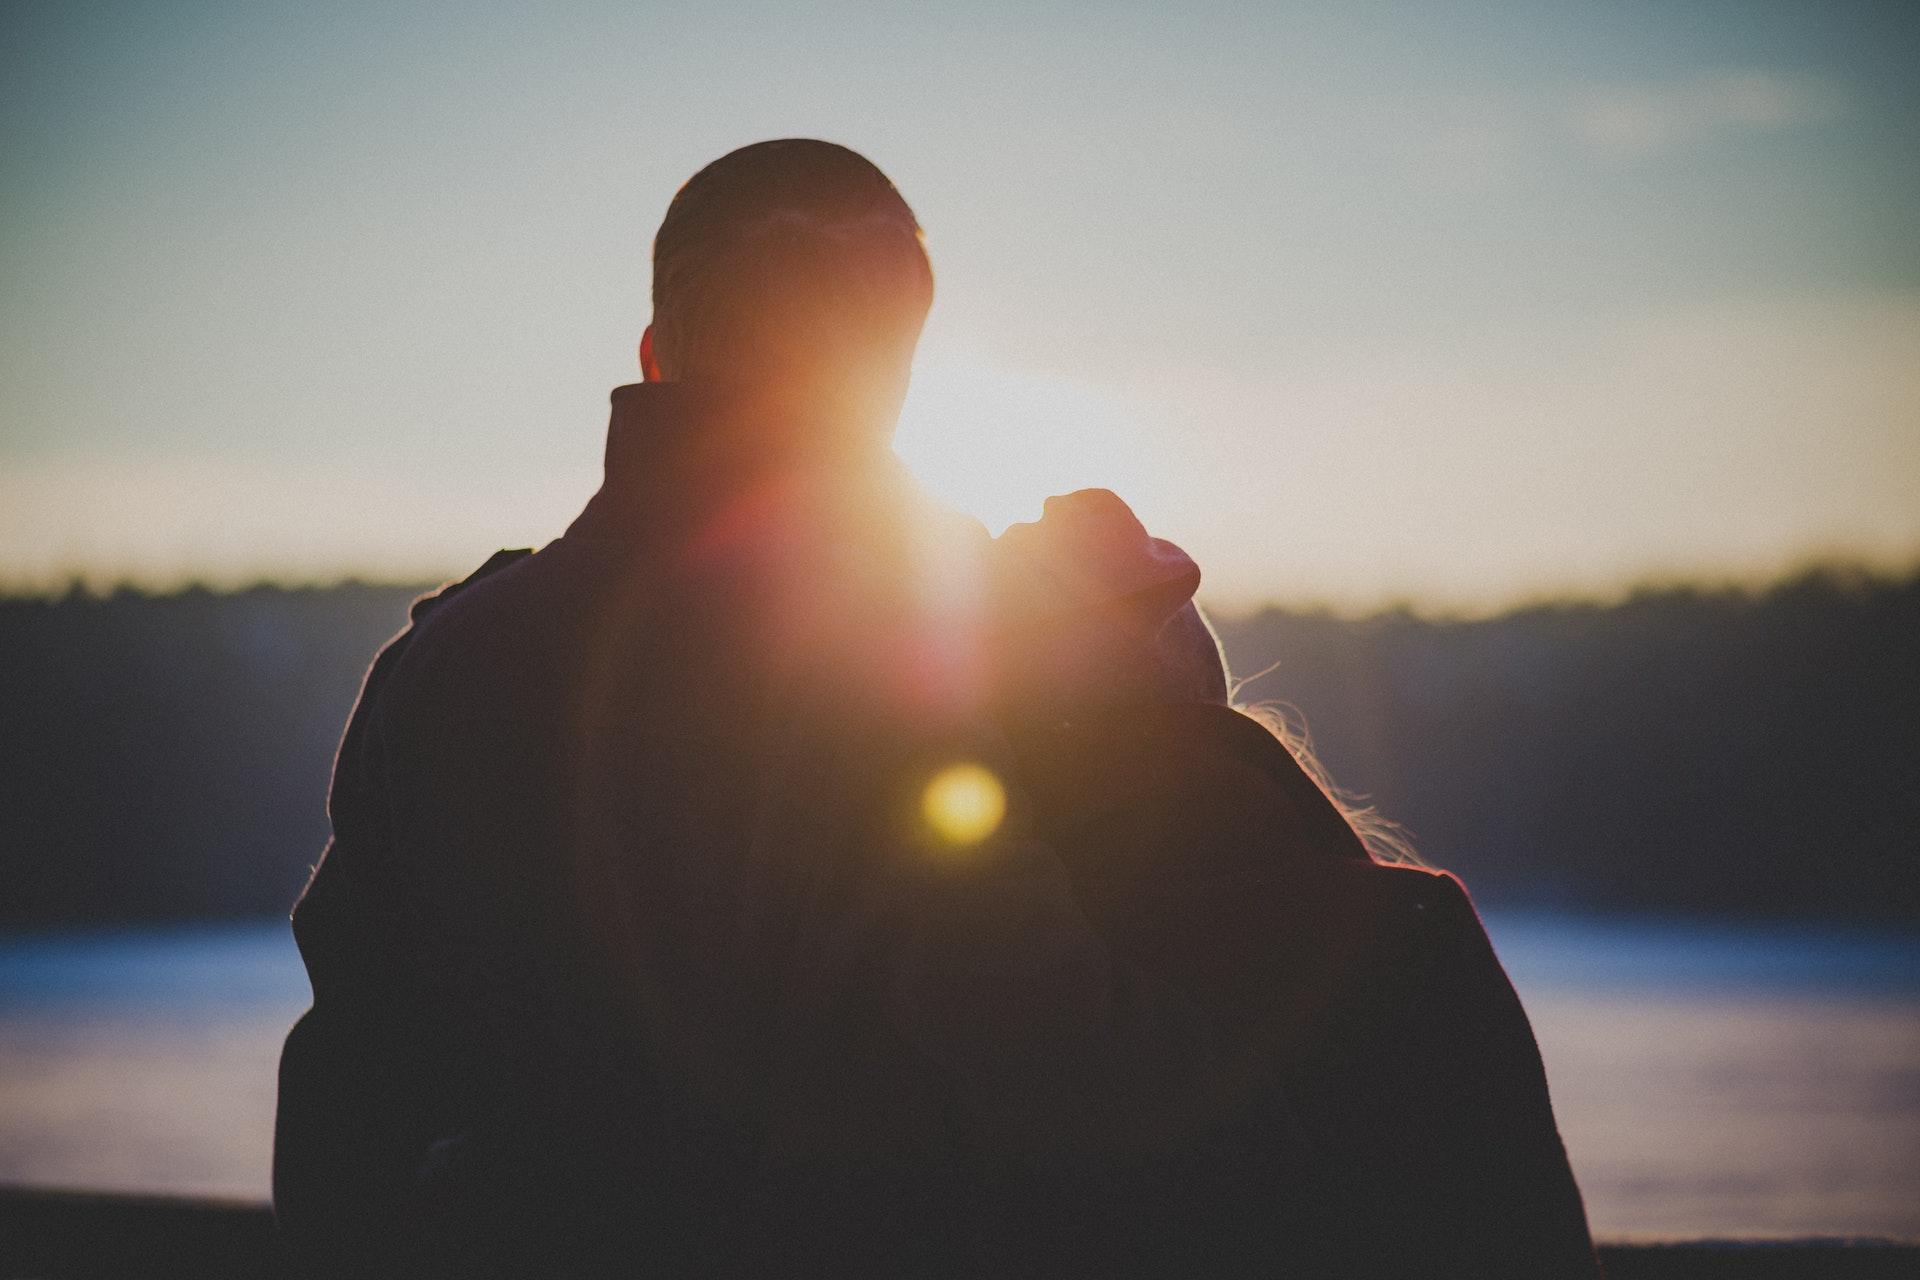 U mężczyzn o naturalnie niskim poziomie oksytocyny istnieje mniejsze prawdopodobieństwo, że zdecydują się na ślub (fot. pexels.com)